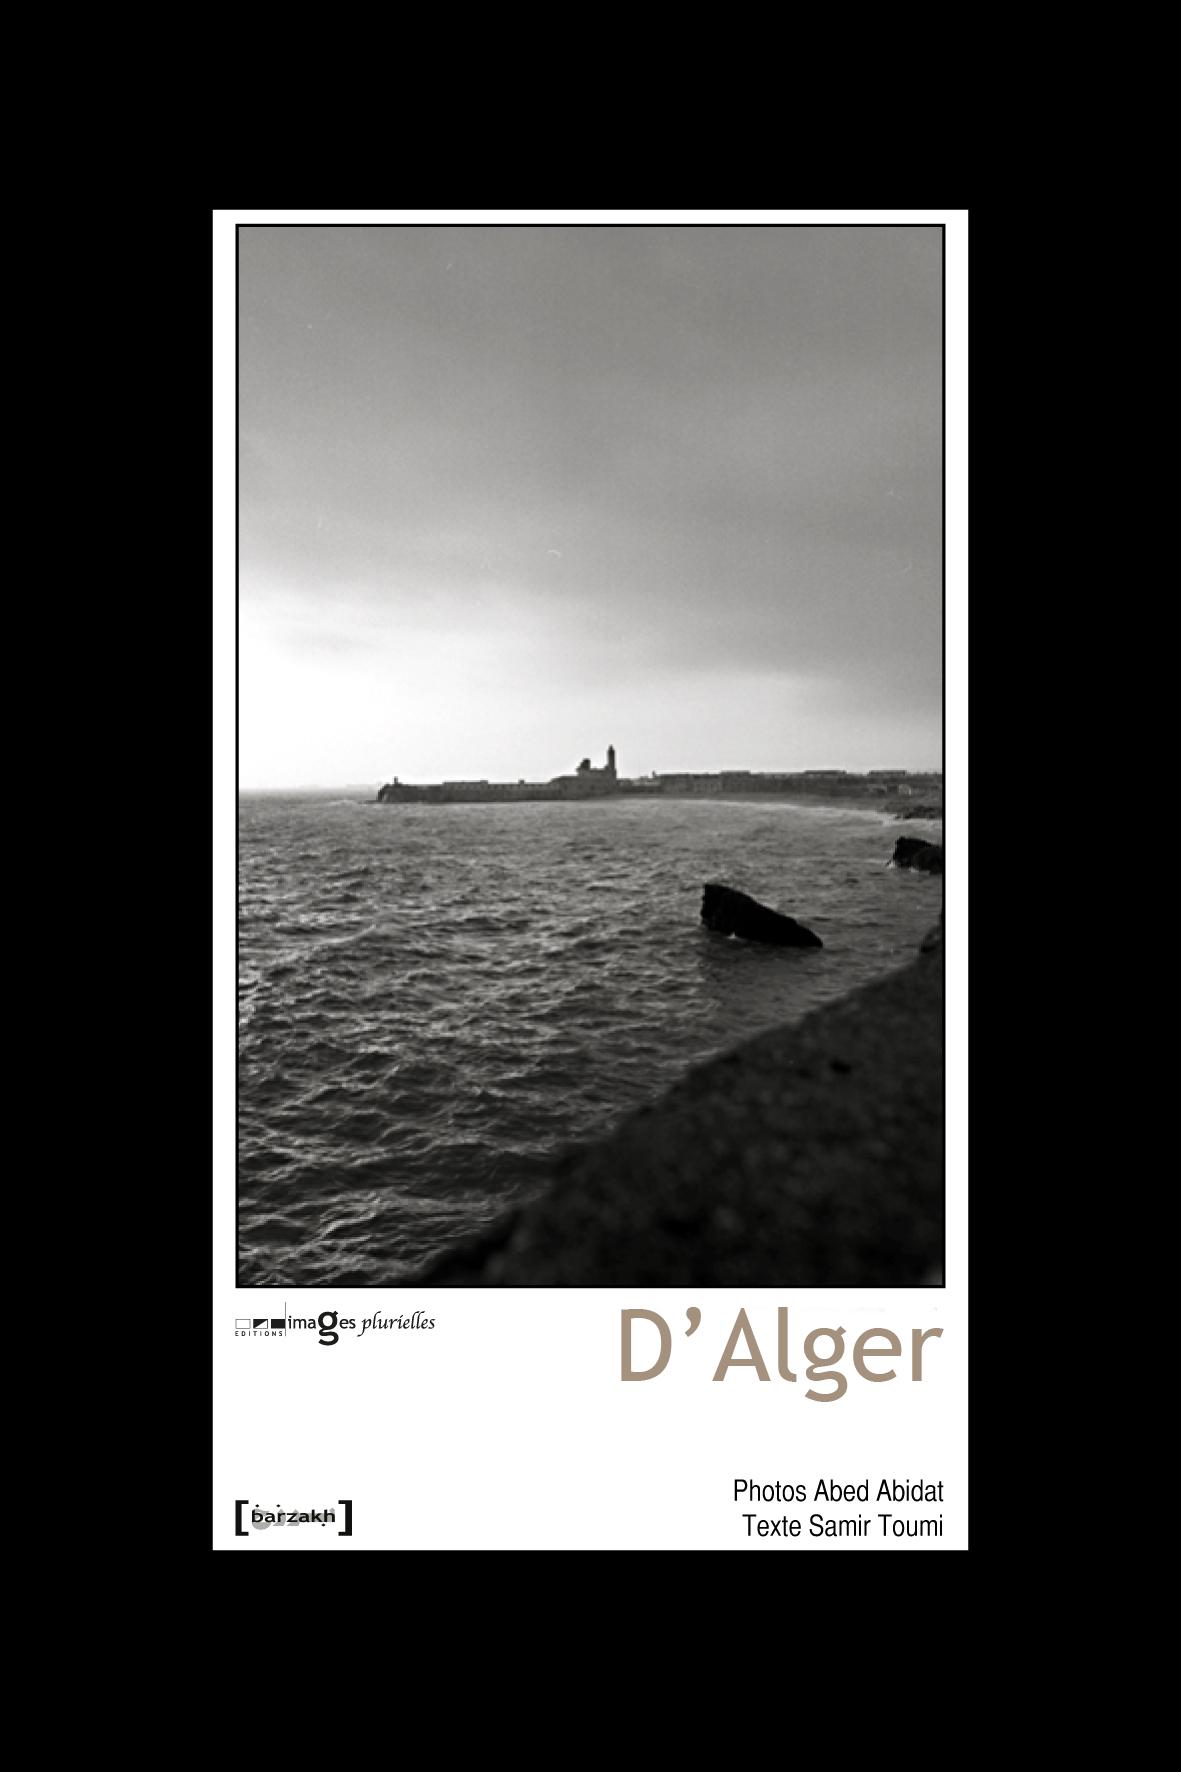 D'ALGER